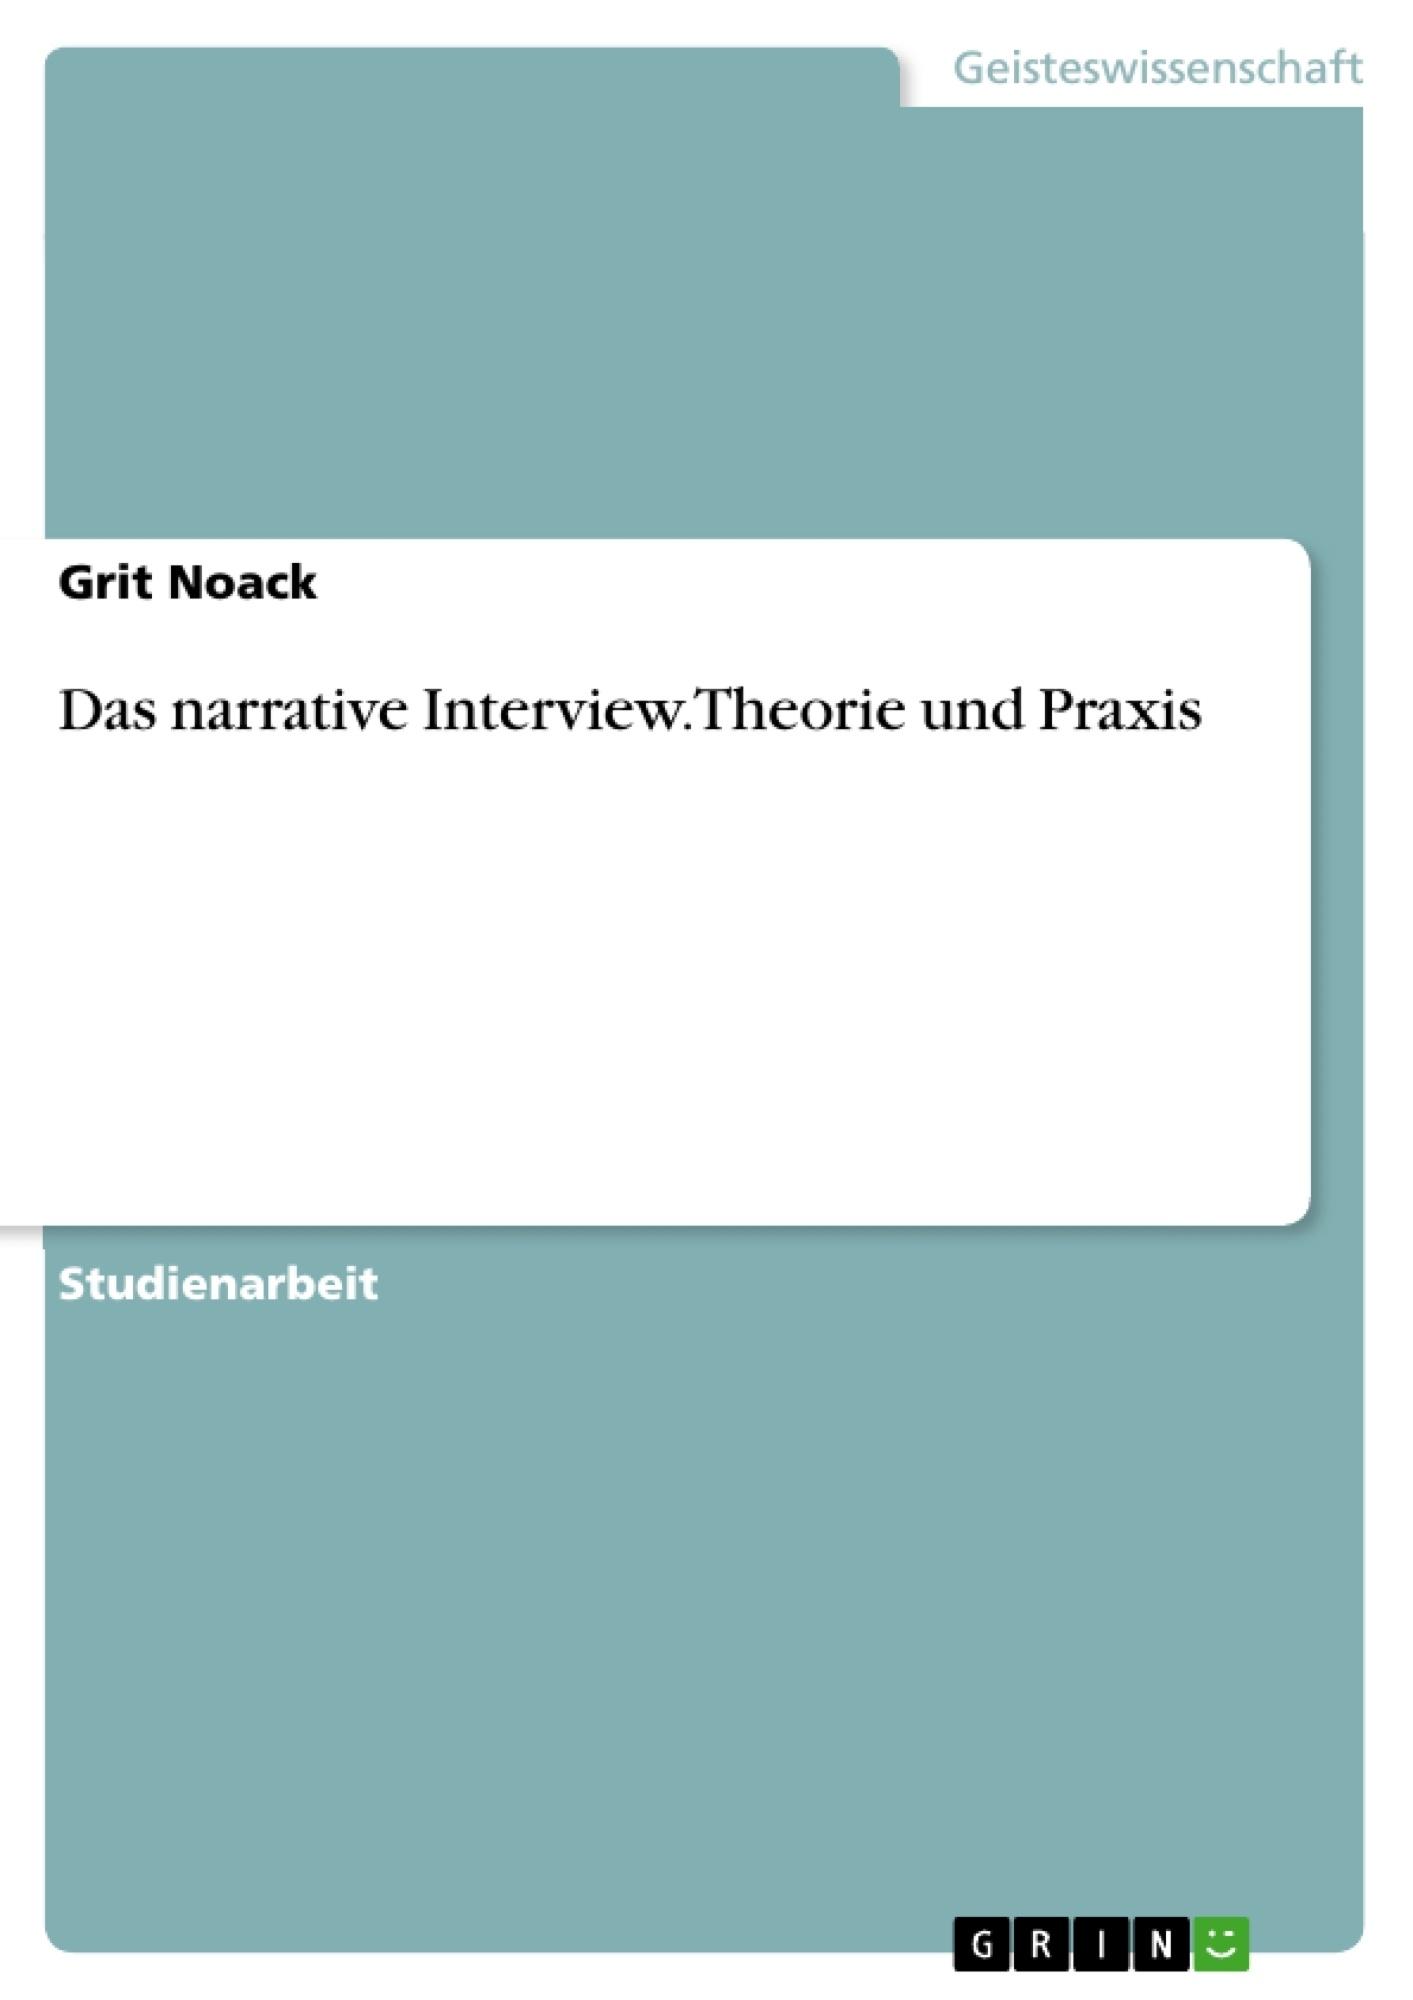 Titel: Das narrative Interview. Theorie und Praxis